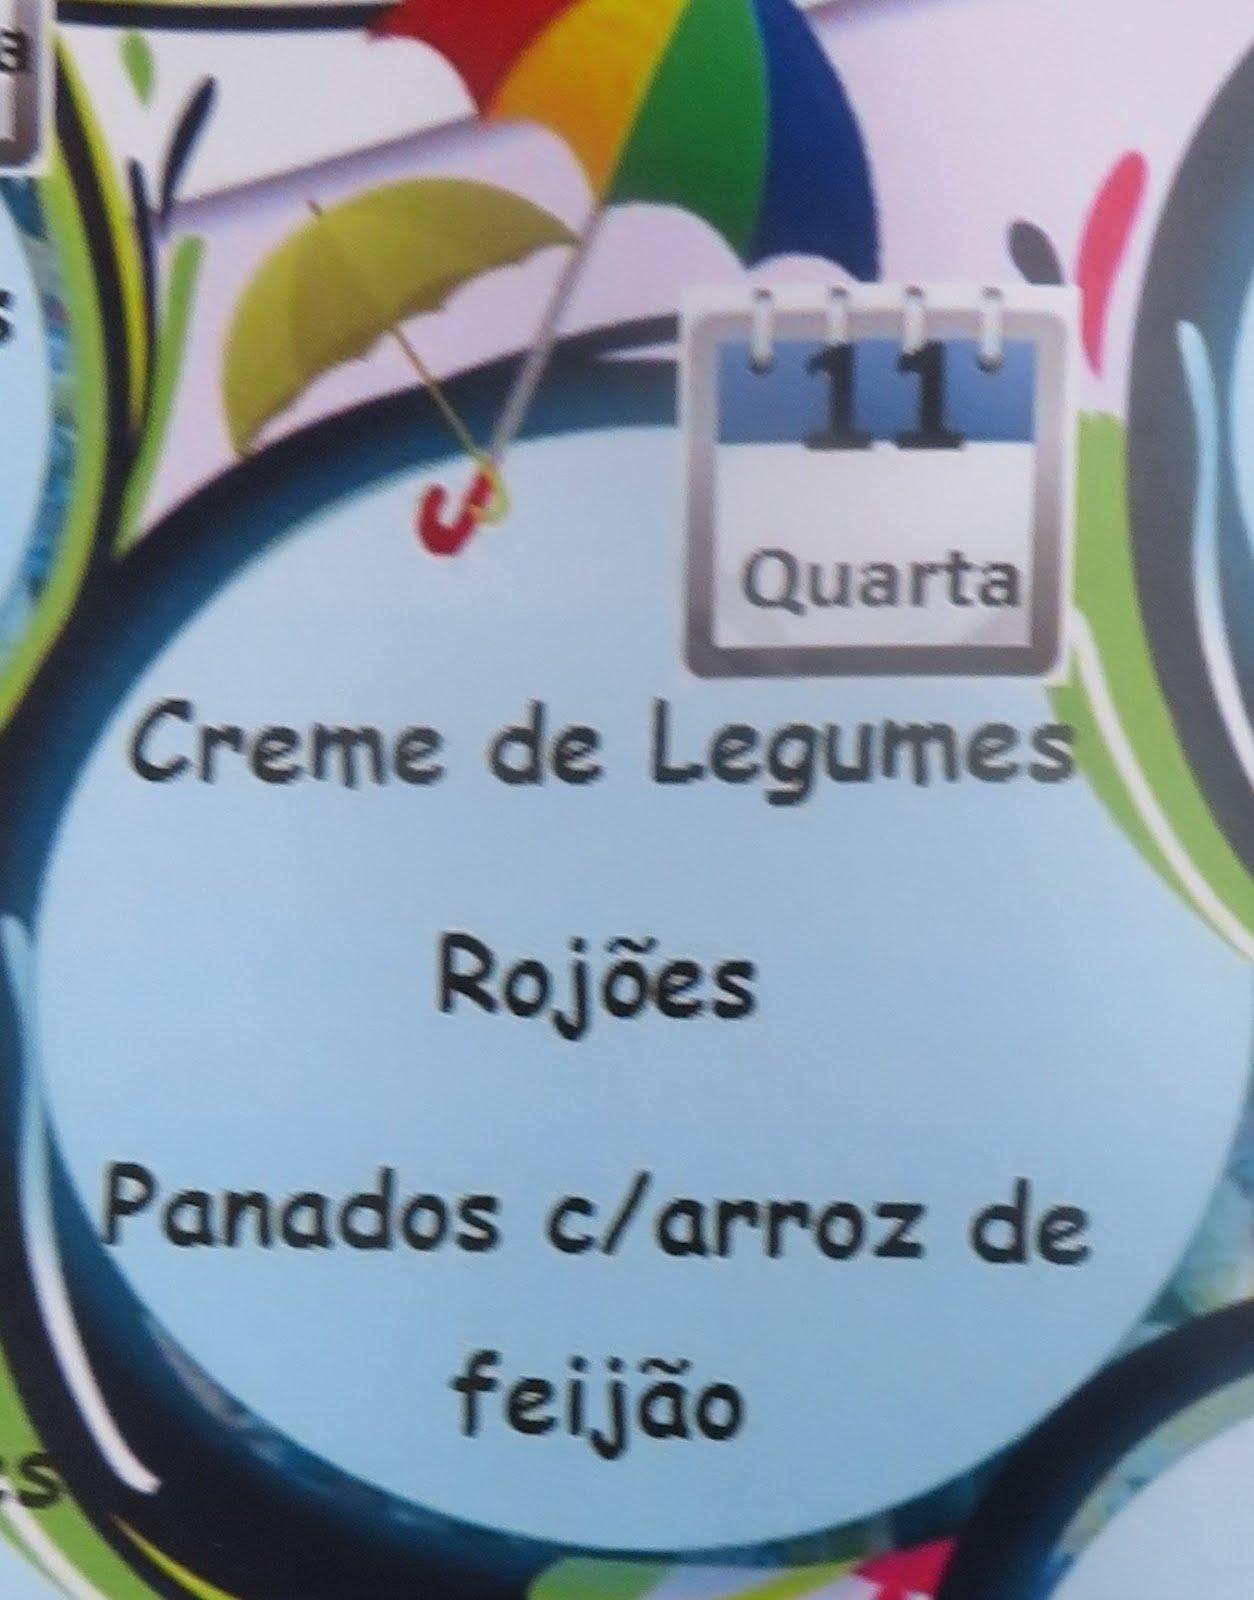 ARCOR com rojões e panados com arroz de feijão no Agitágueda de hoje!